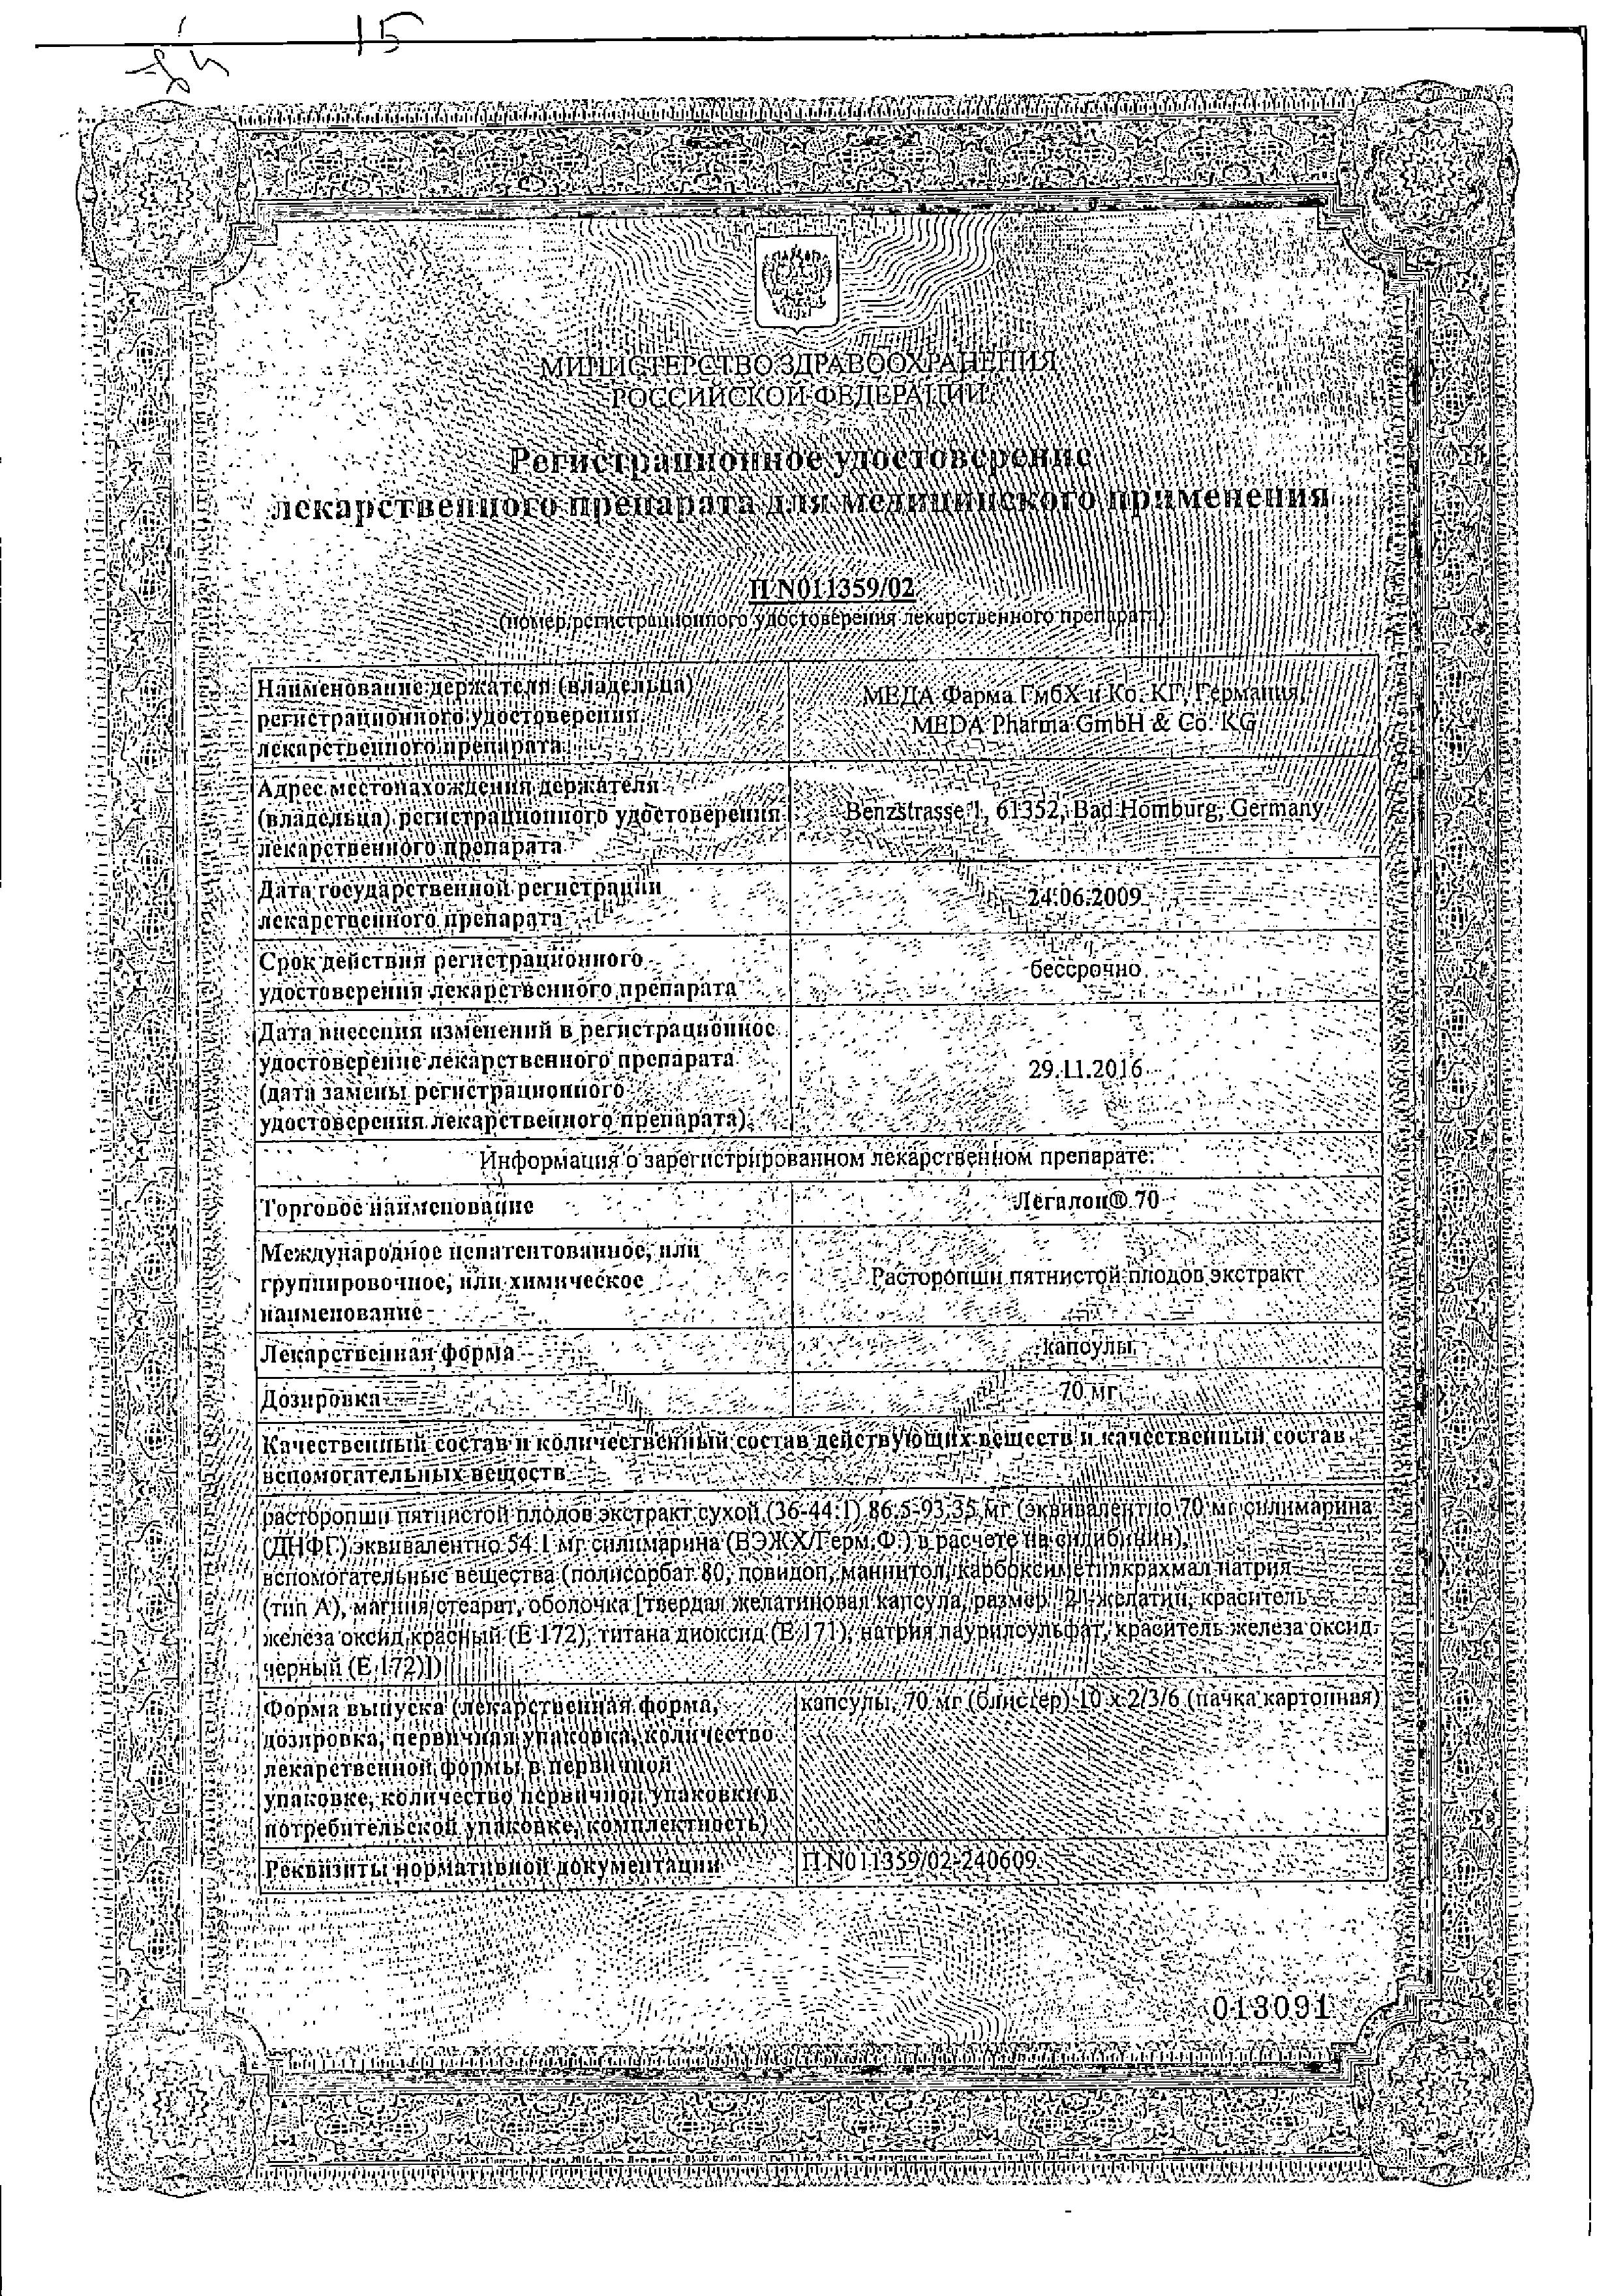 Легалон 70 сертификат